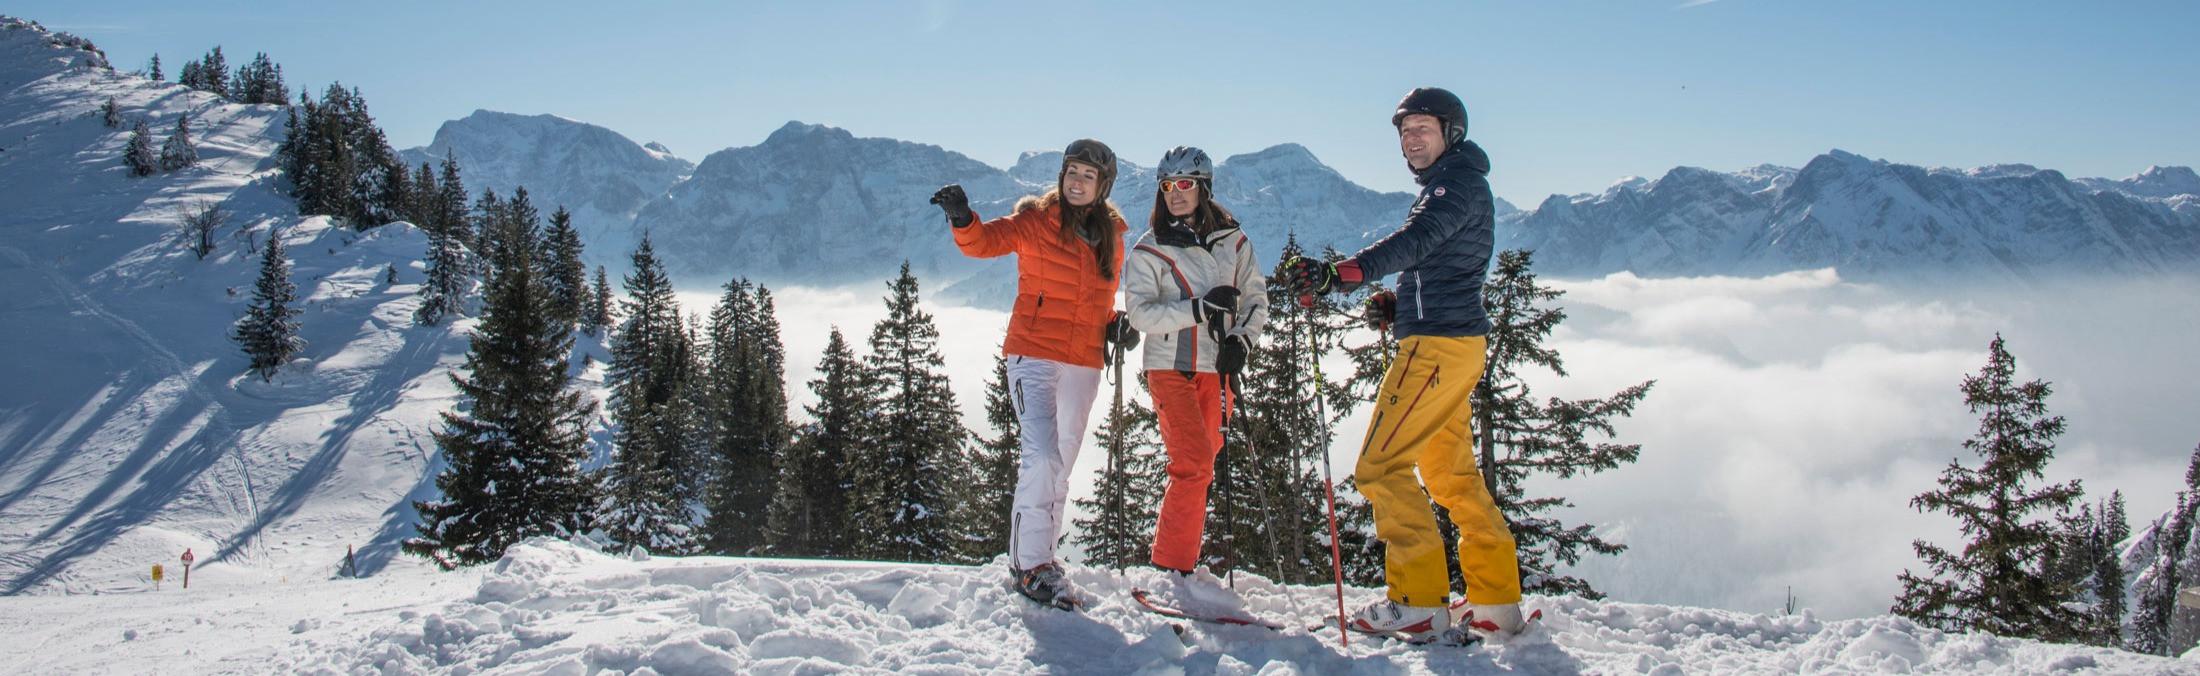 Familien-Skiurlaub pur am Kasberg